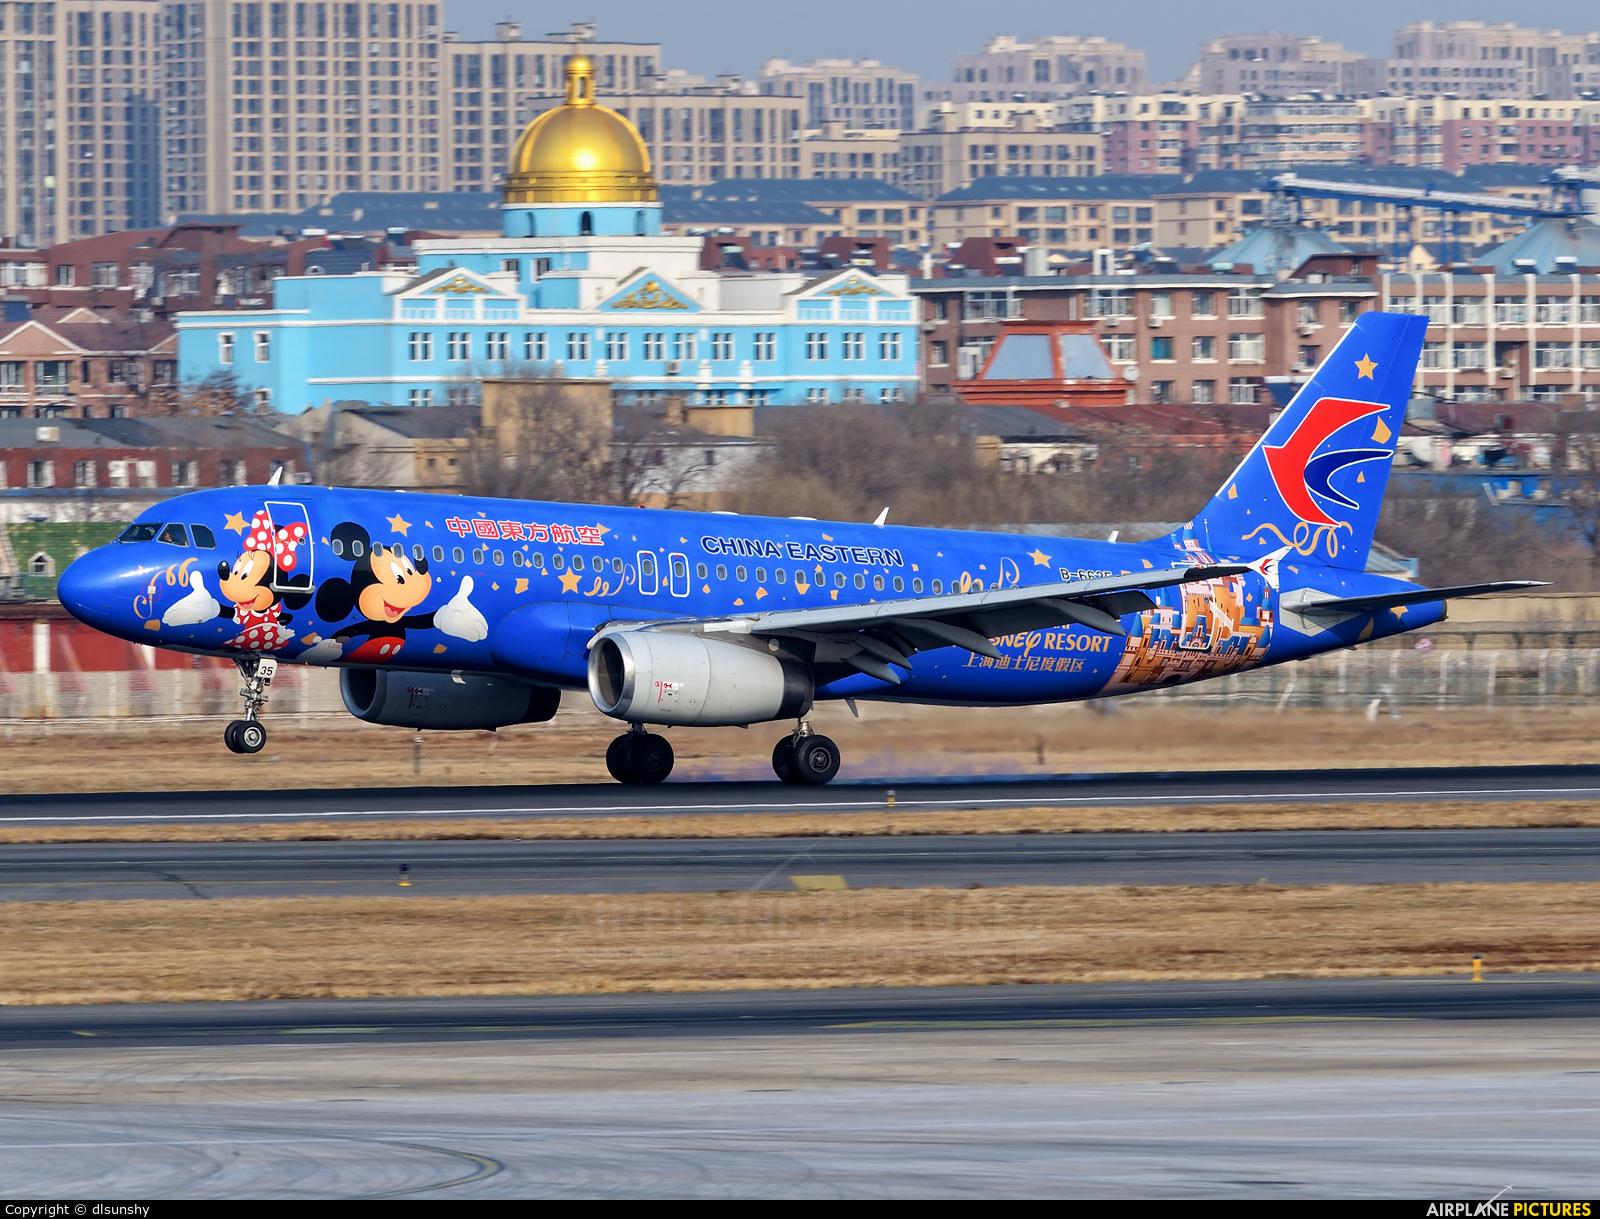 China Eastern Airlines B-6635 aircraft at Dalian Zhoushuizi Int'l